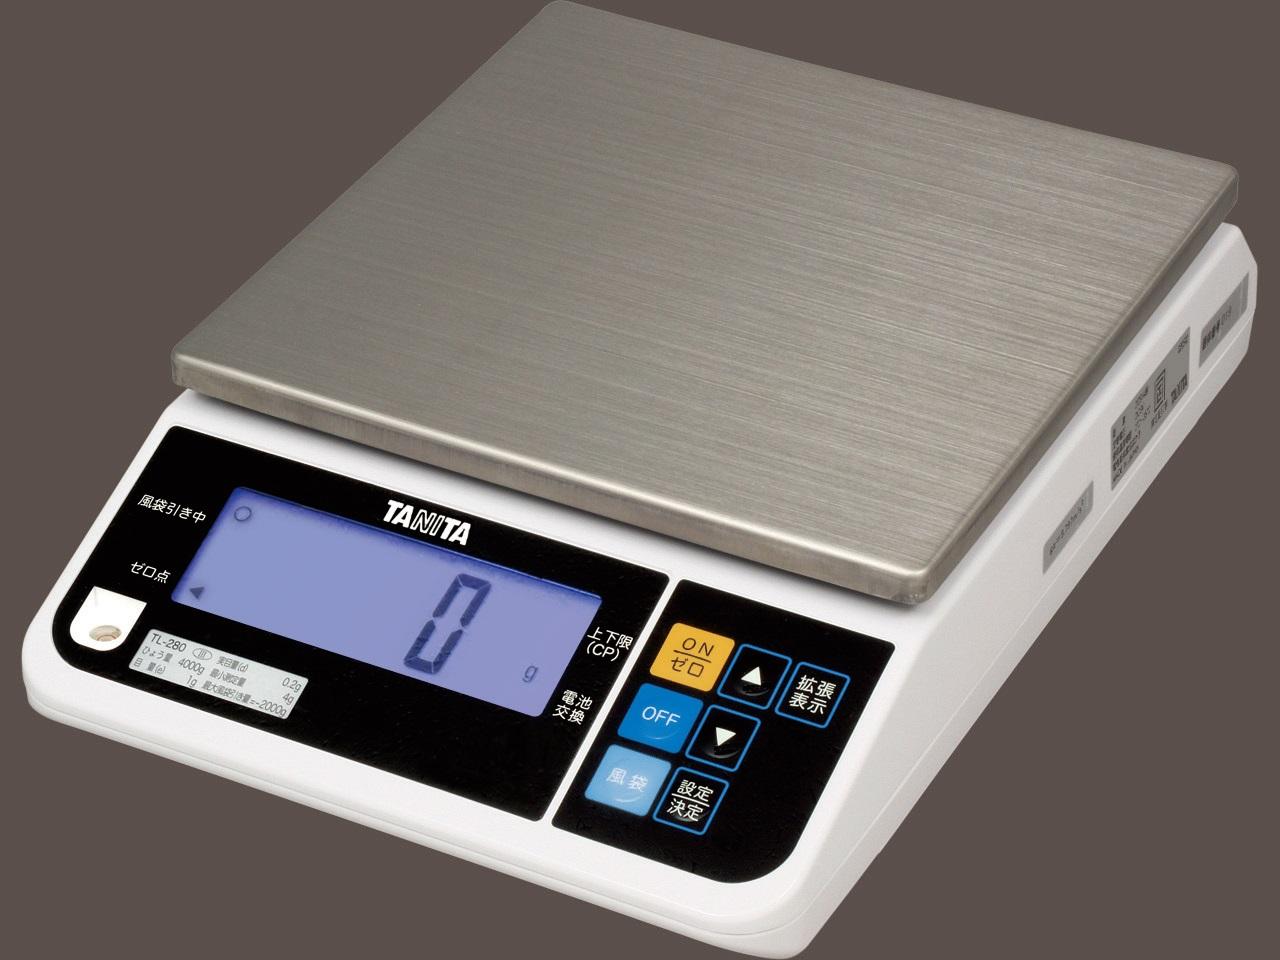 【�潟^ニタ】デジタルスケール TL-290  8000g  対面表示・RS-232Cポート付・取引証明用